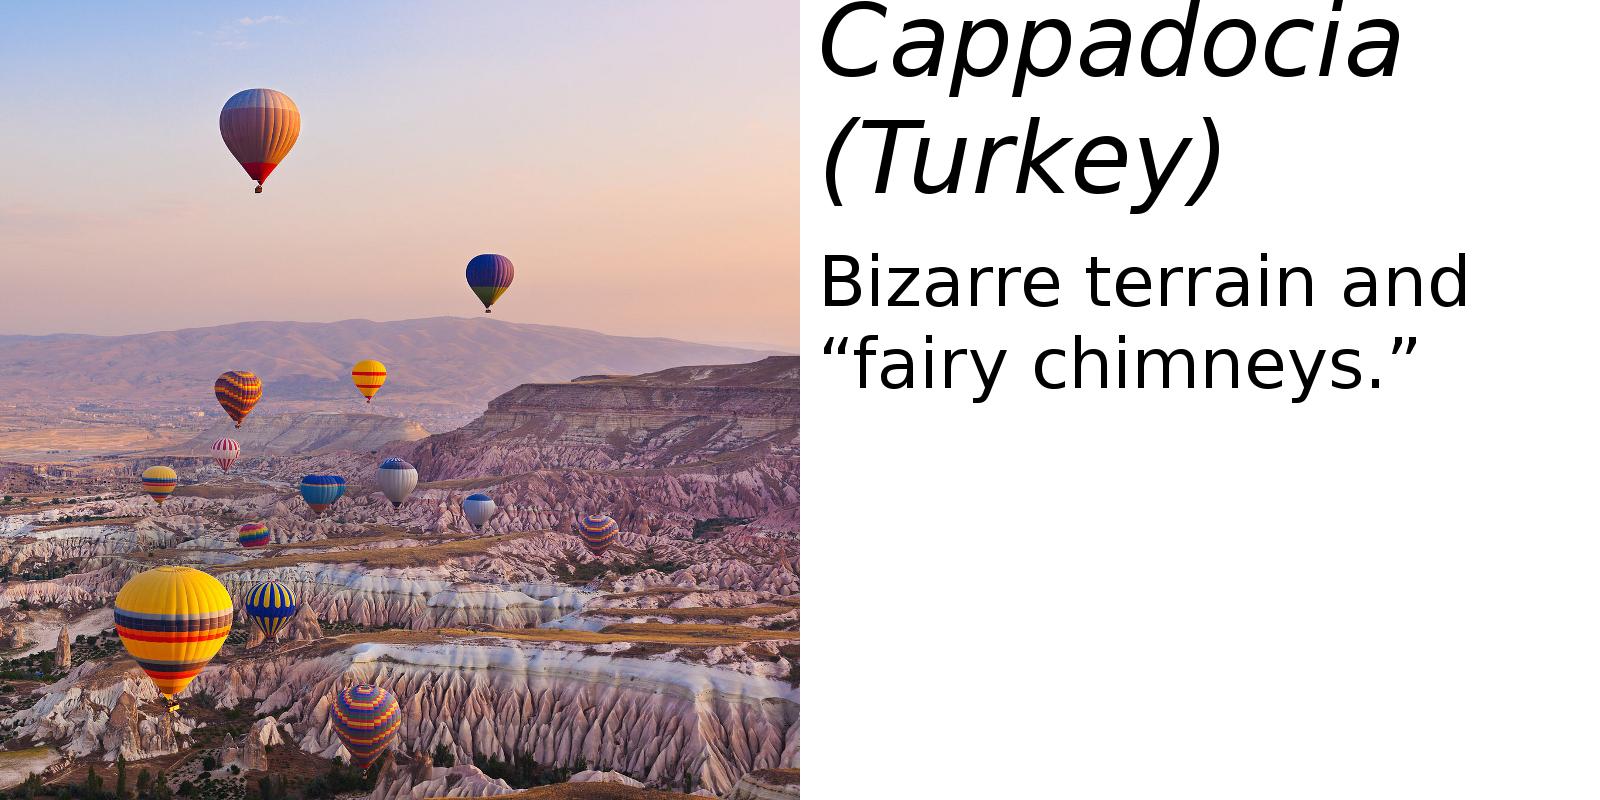 Cappadocia, Turkey (description) #2